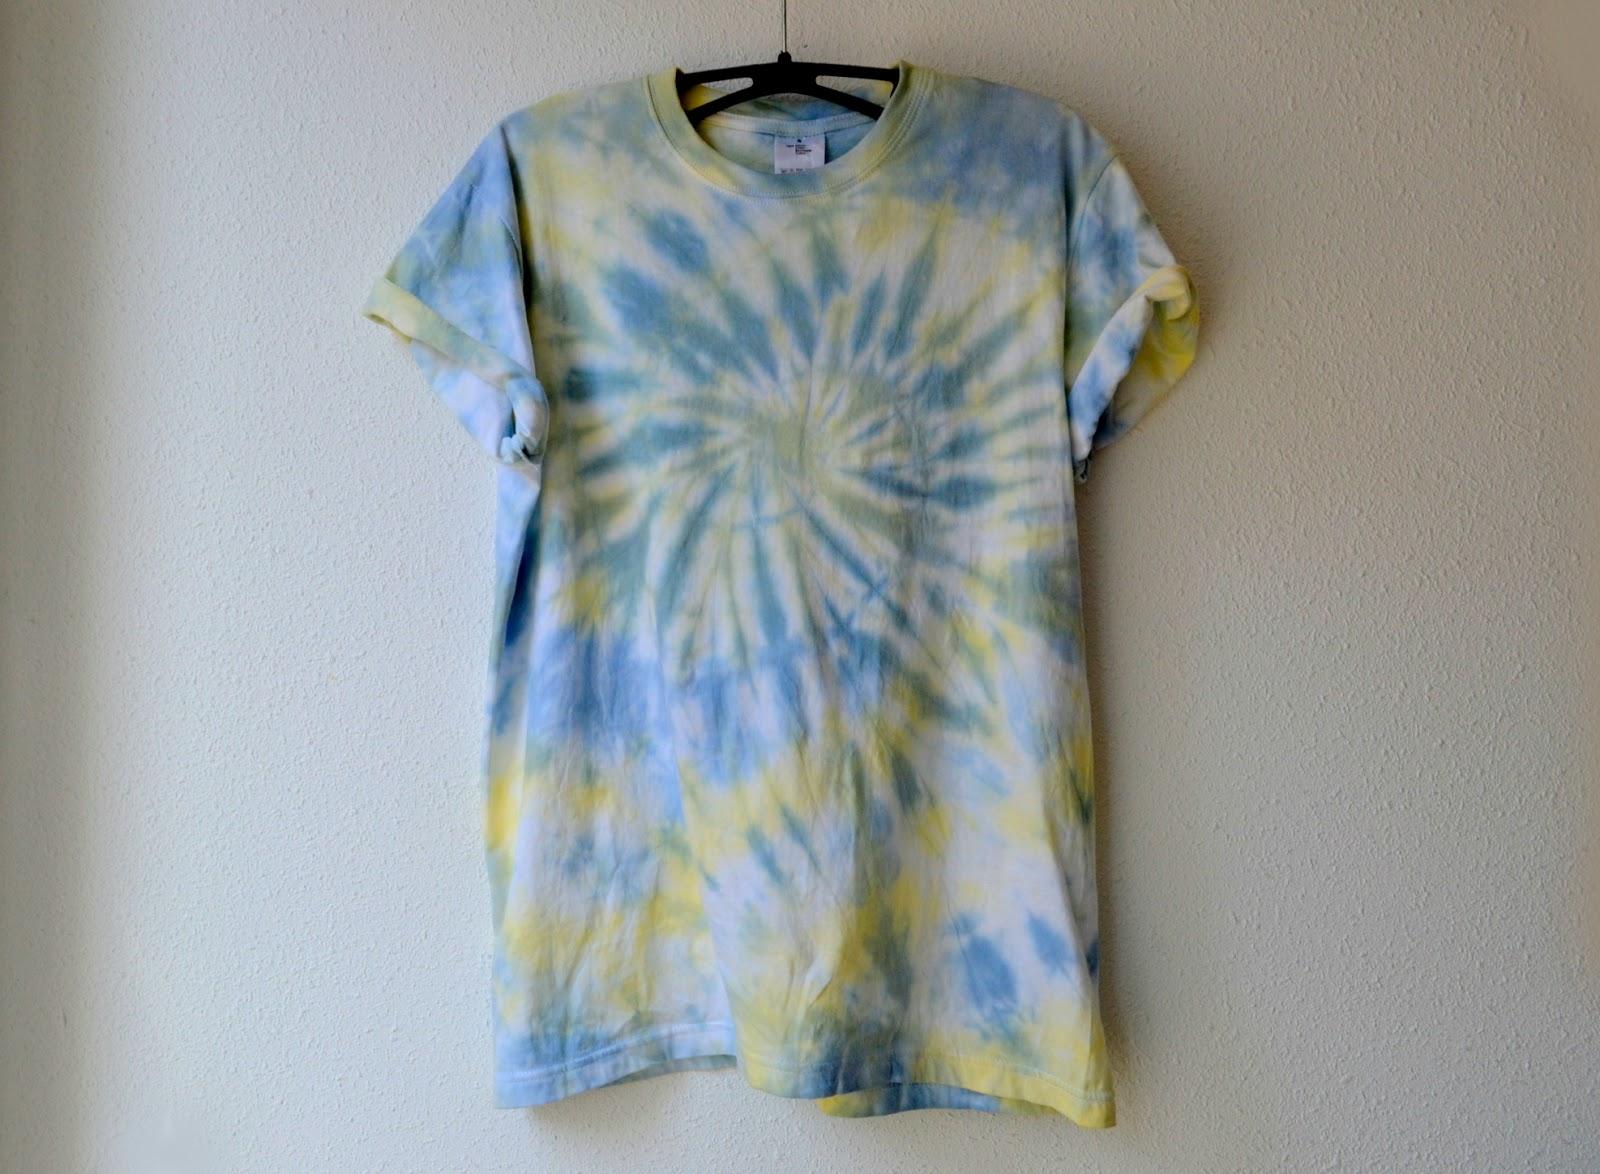 fde8477379e5 How Tie Dye Shirts With Kool Aid